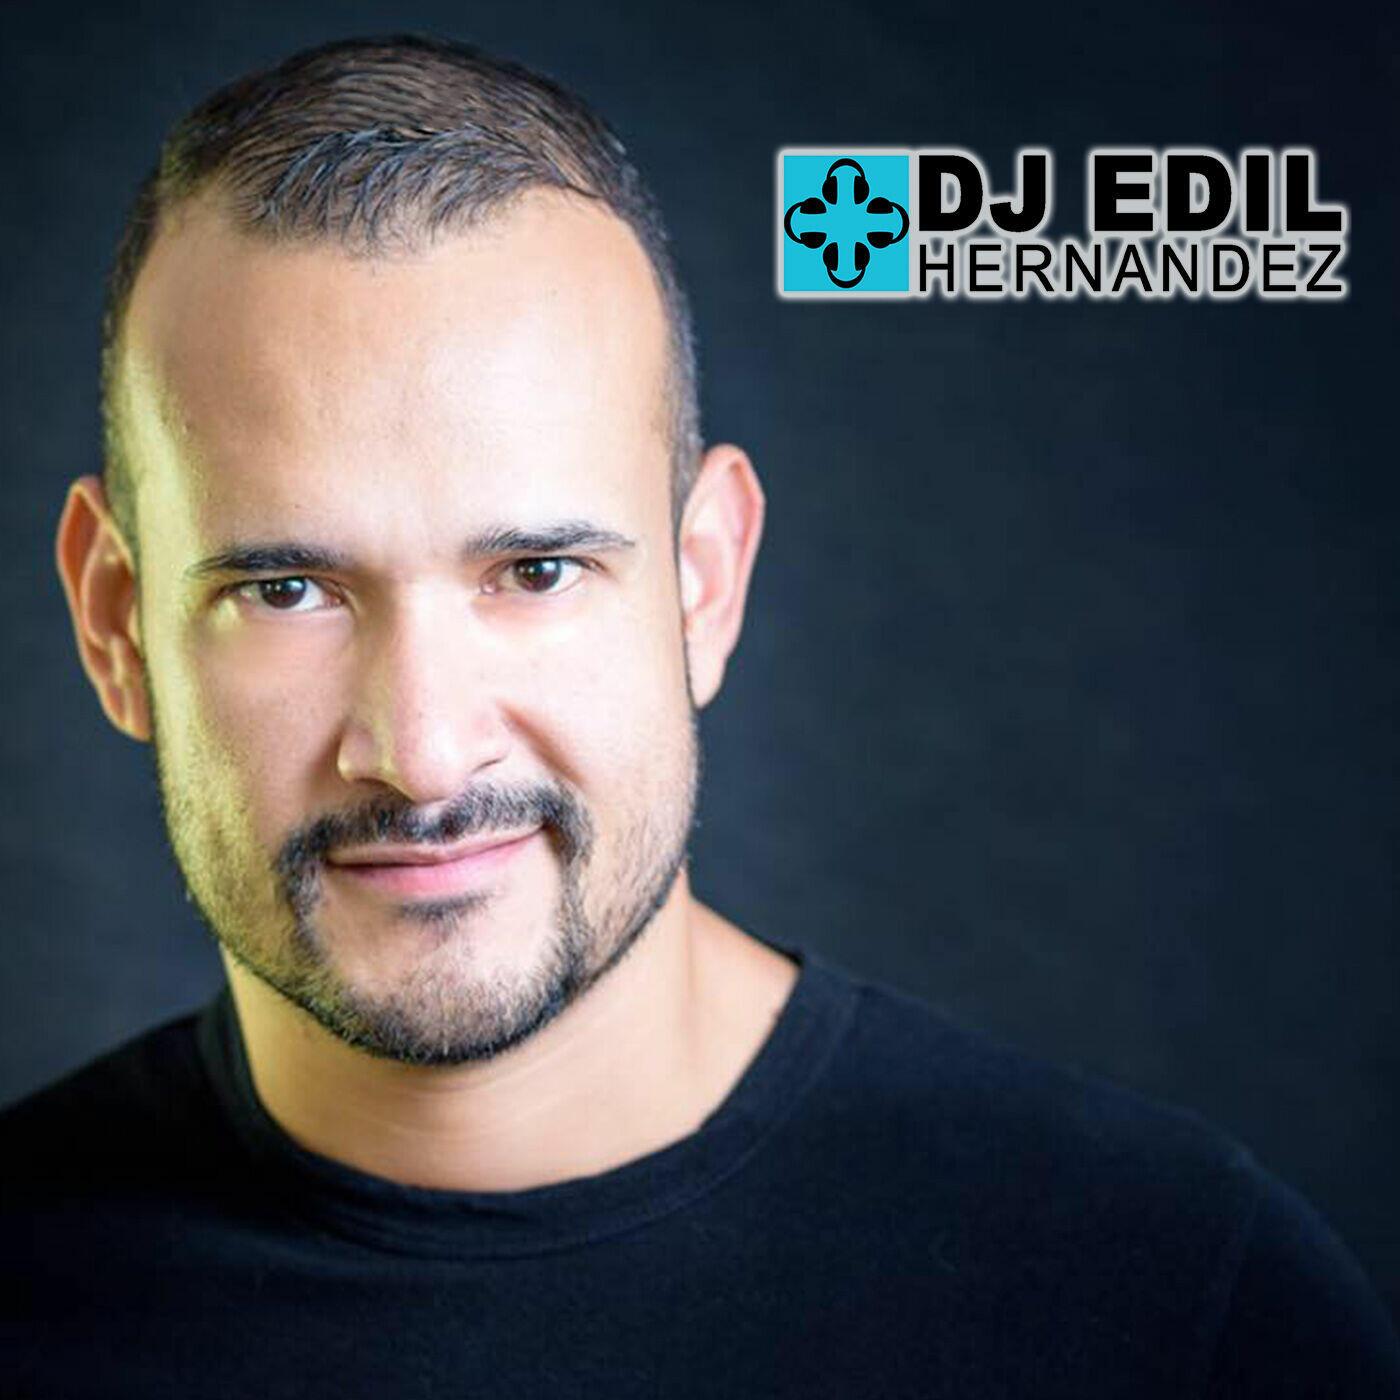 DJ Edil Hernandez's Podcast